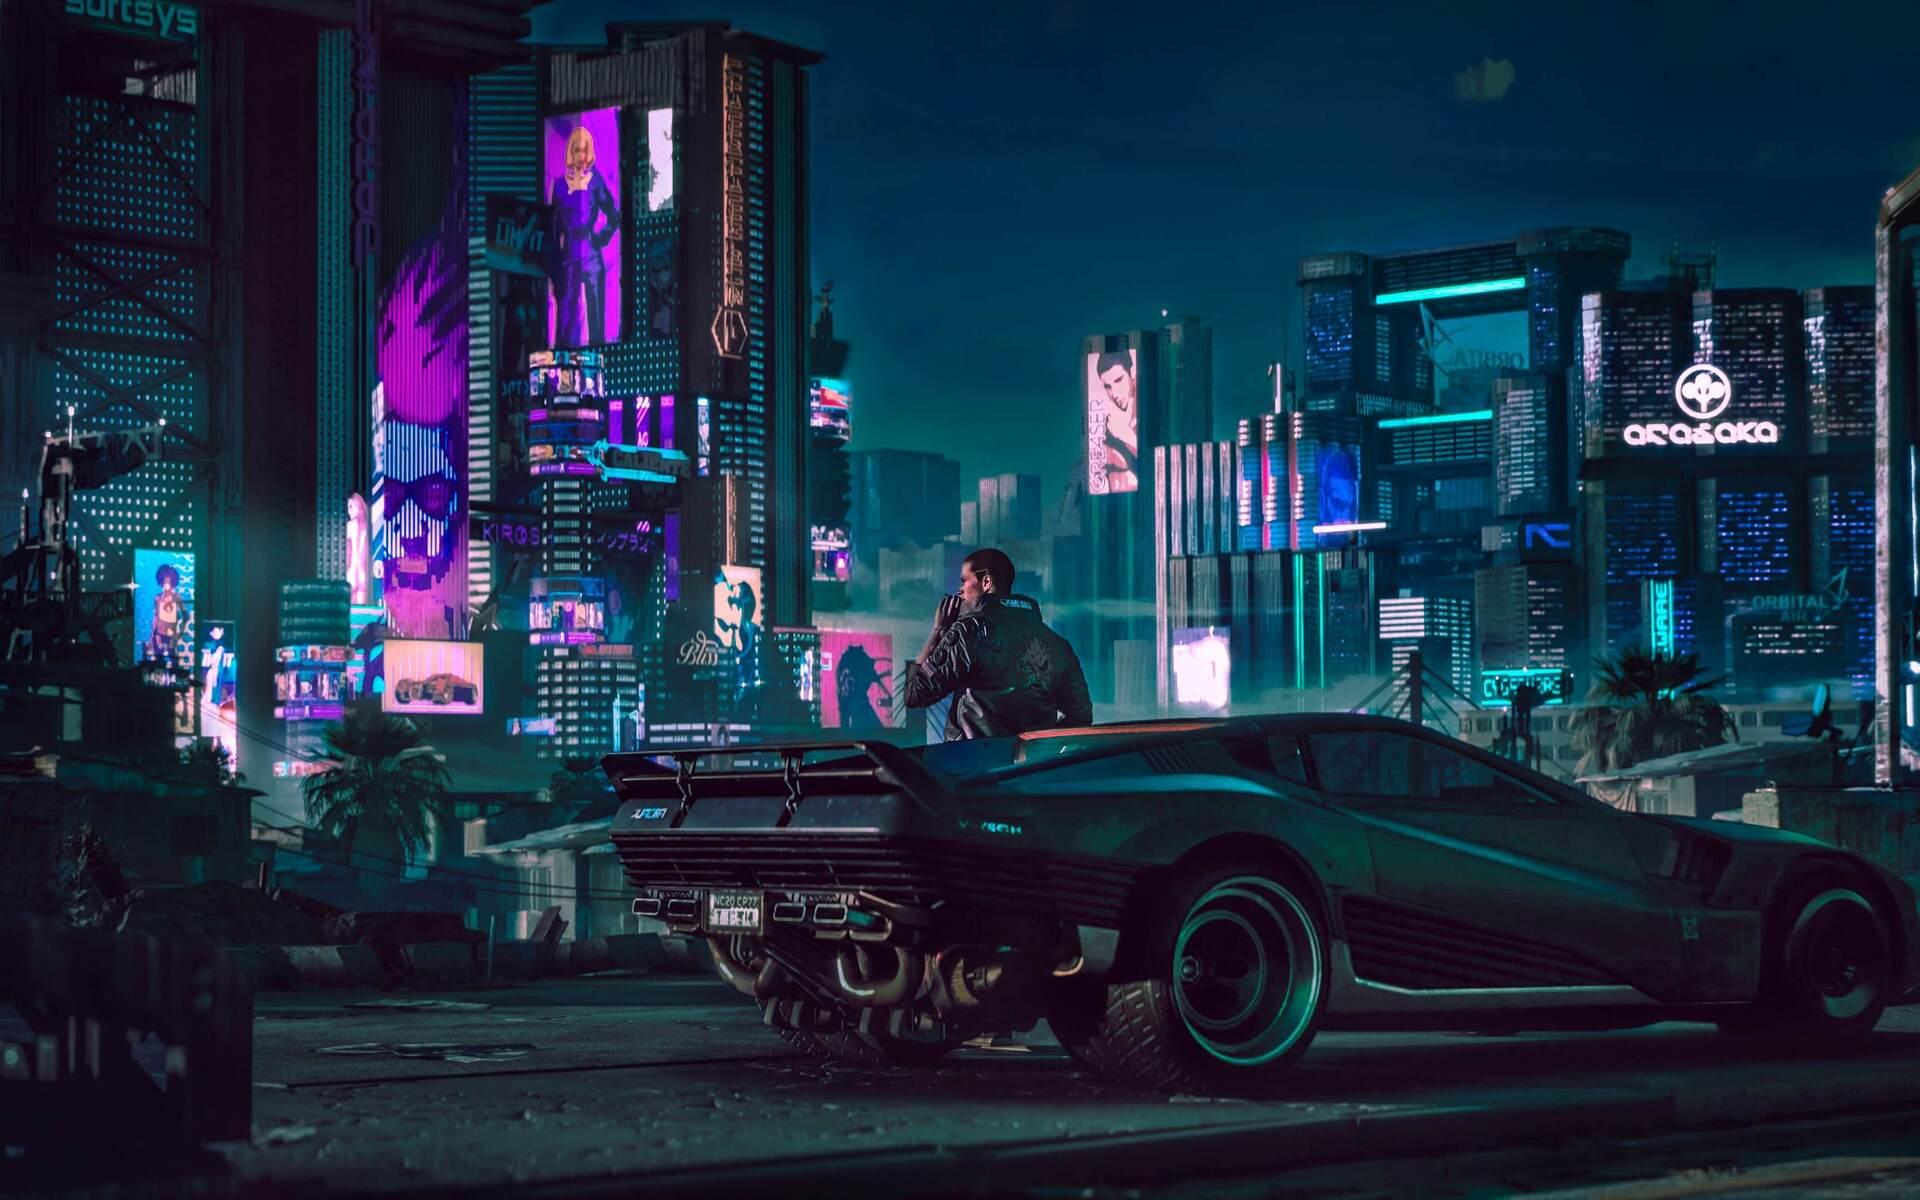 1920x1200 2018 cyberpunk 2077 4k 1080p resolution hd 4k wallpapers images backgrounds photos - Cyberpunk 2077 wallpaper 4k ...